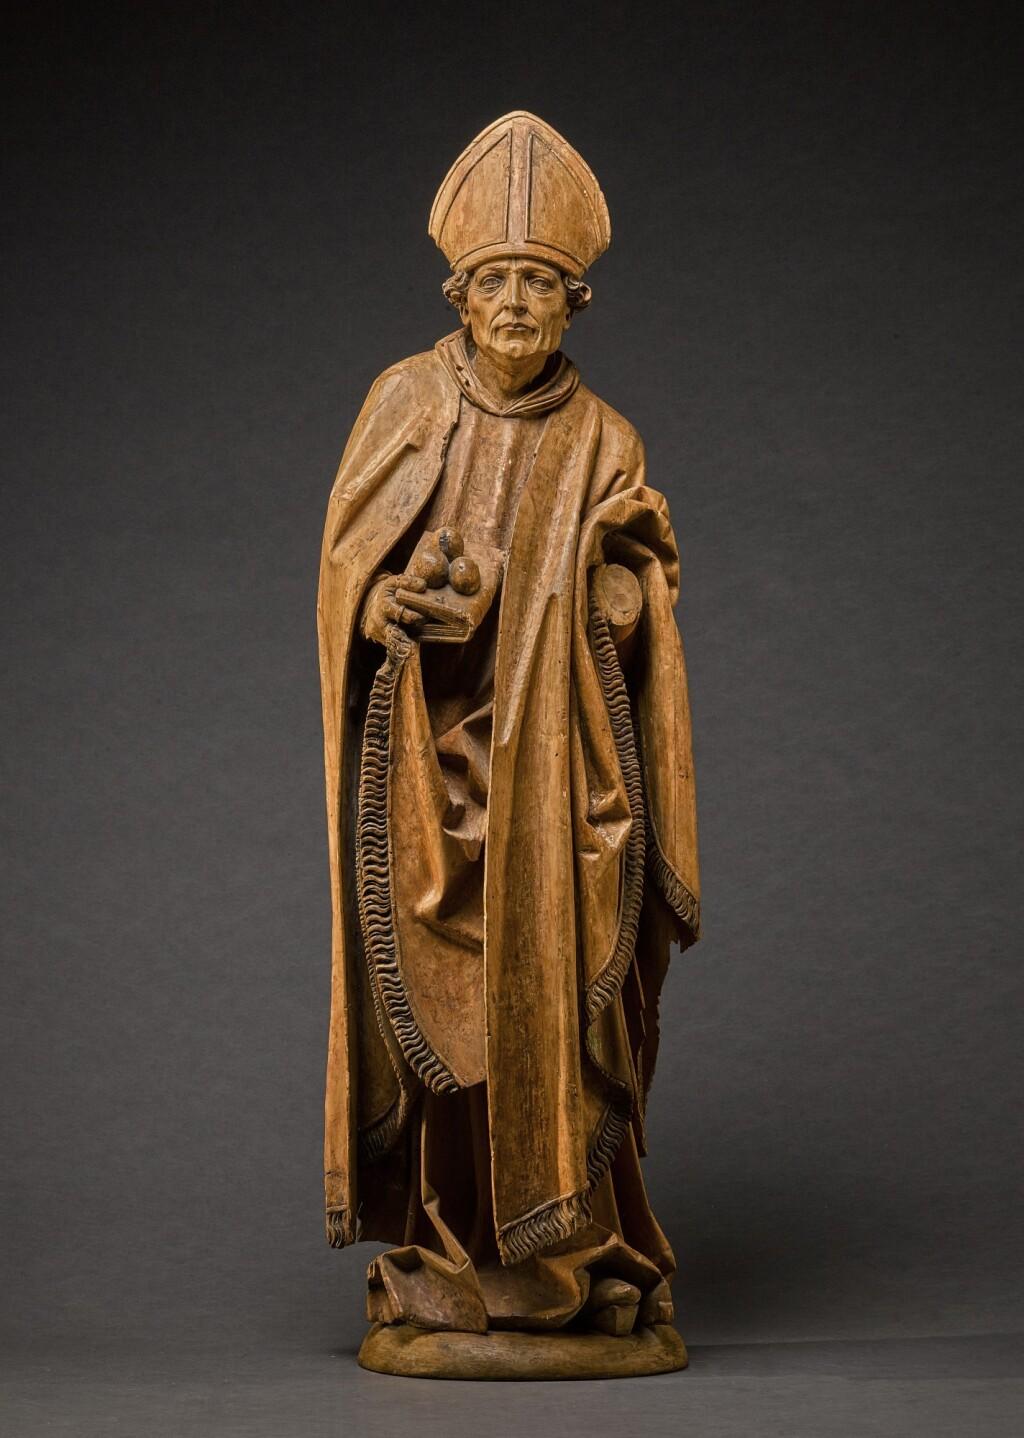 CIRCLE OF TILMAN RIEMENSCHNEIDER (1460-1531) | SAINT NICHOLAS OF MYRA